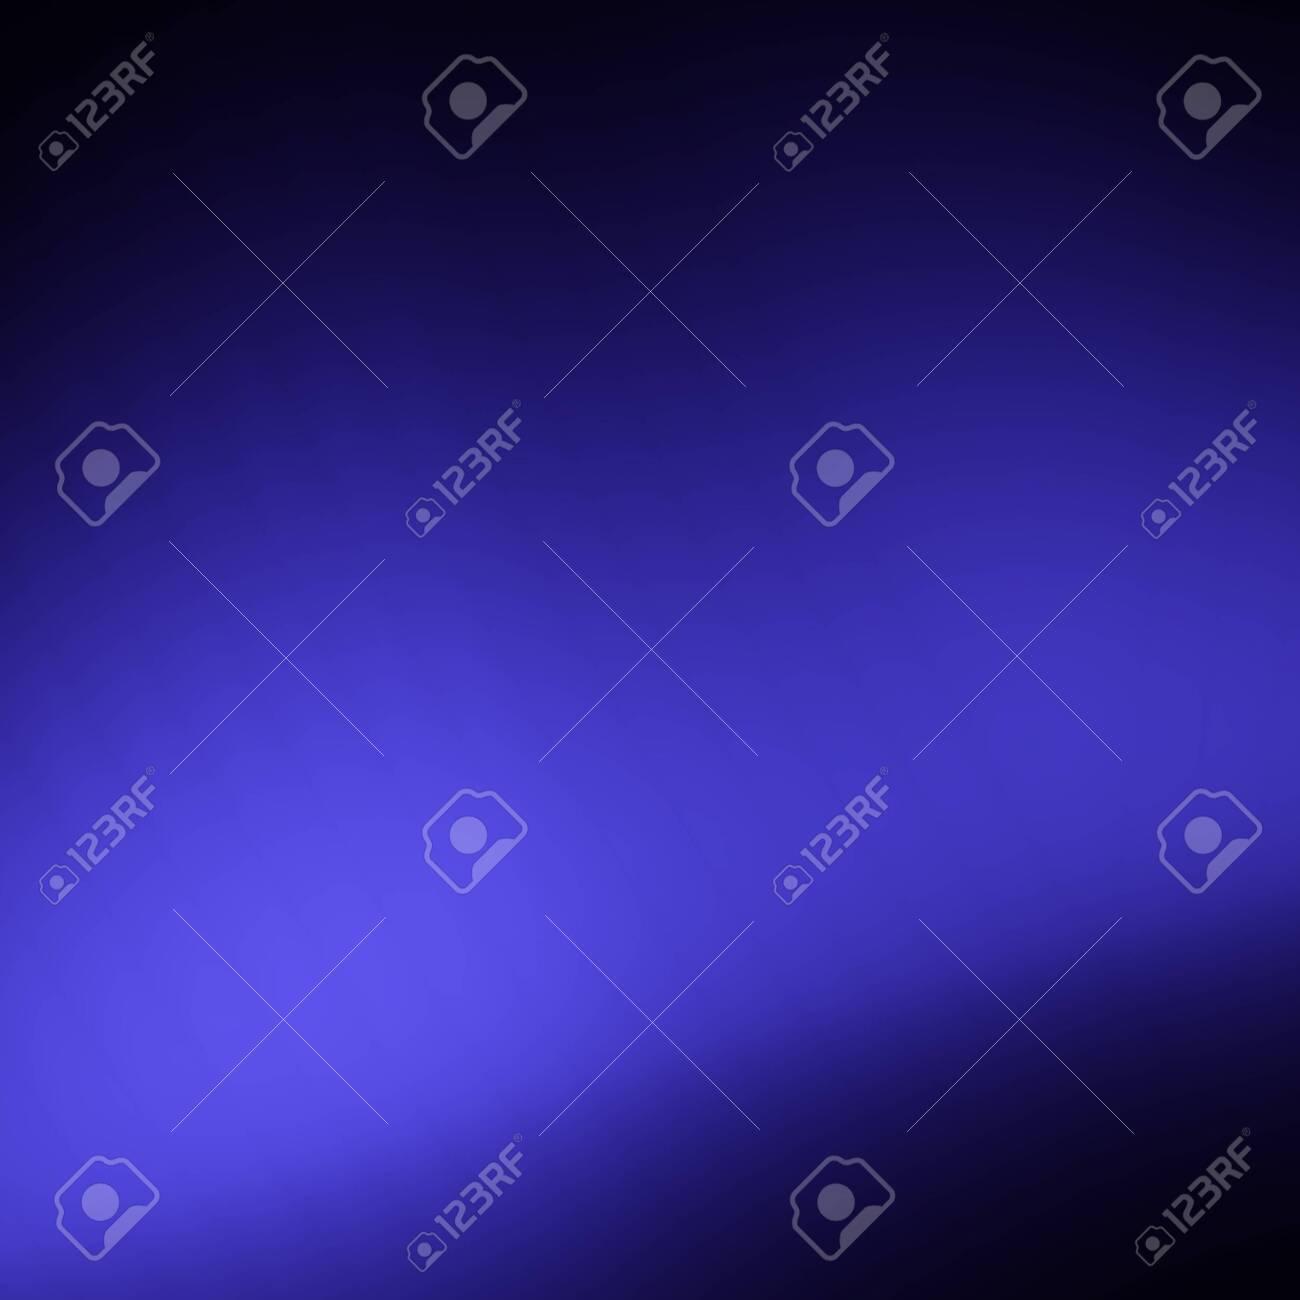 Dark blue abstract soft depth background - 136112198